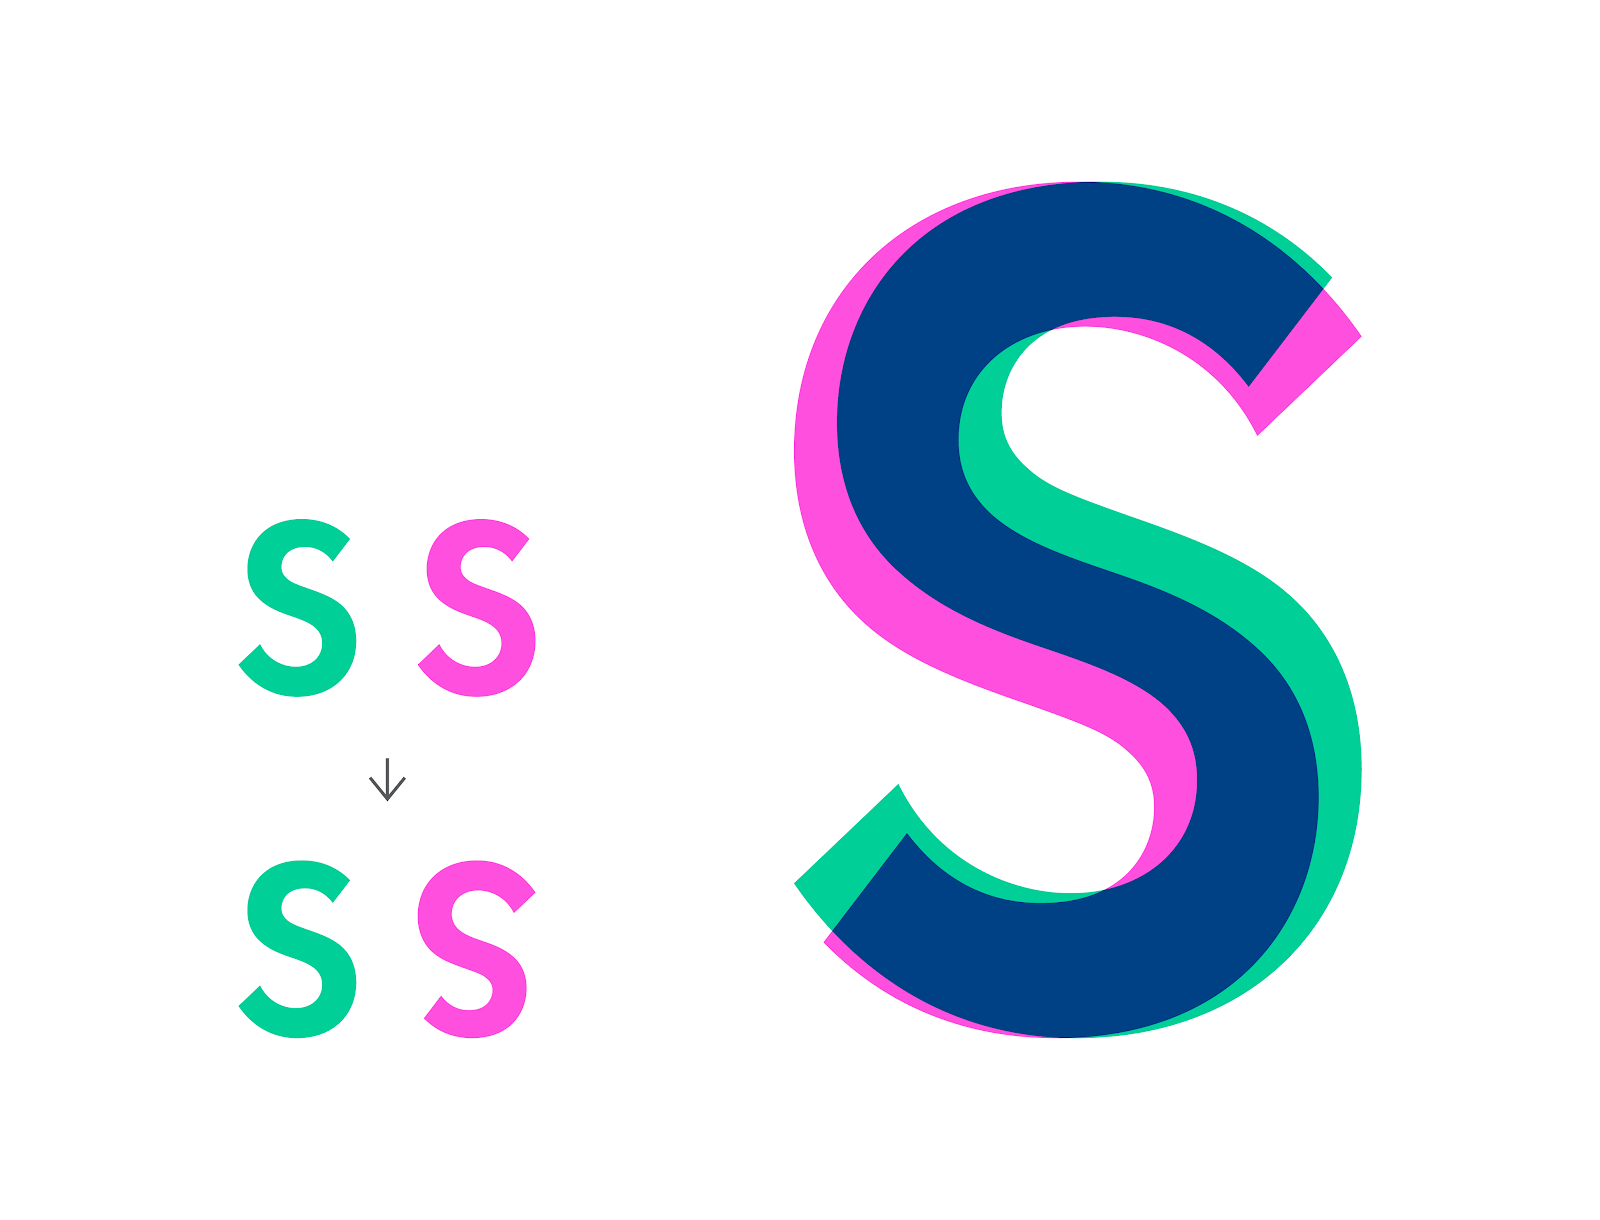 Font illusion